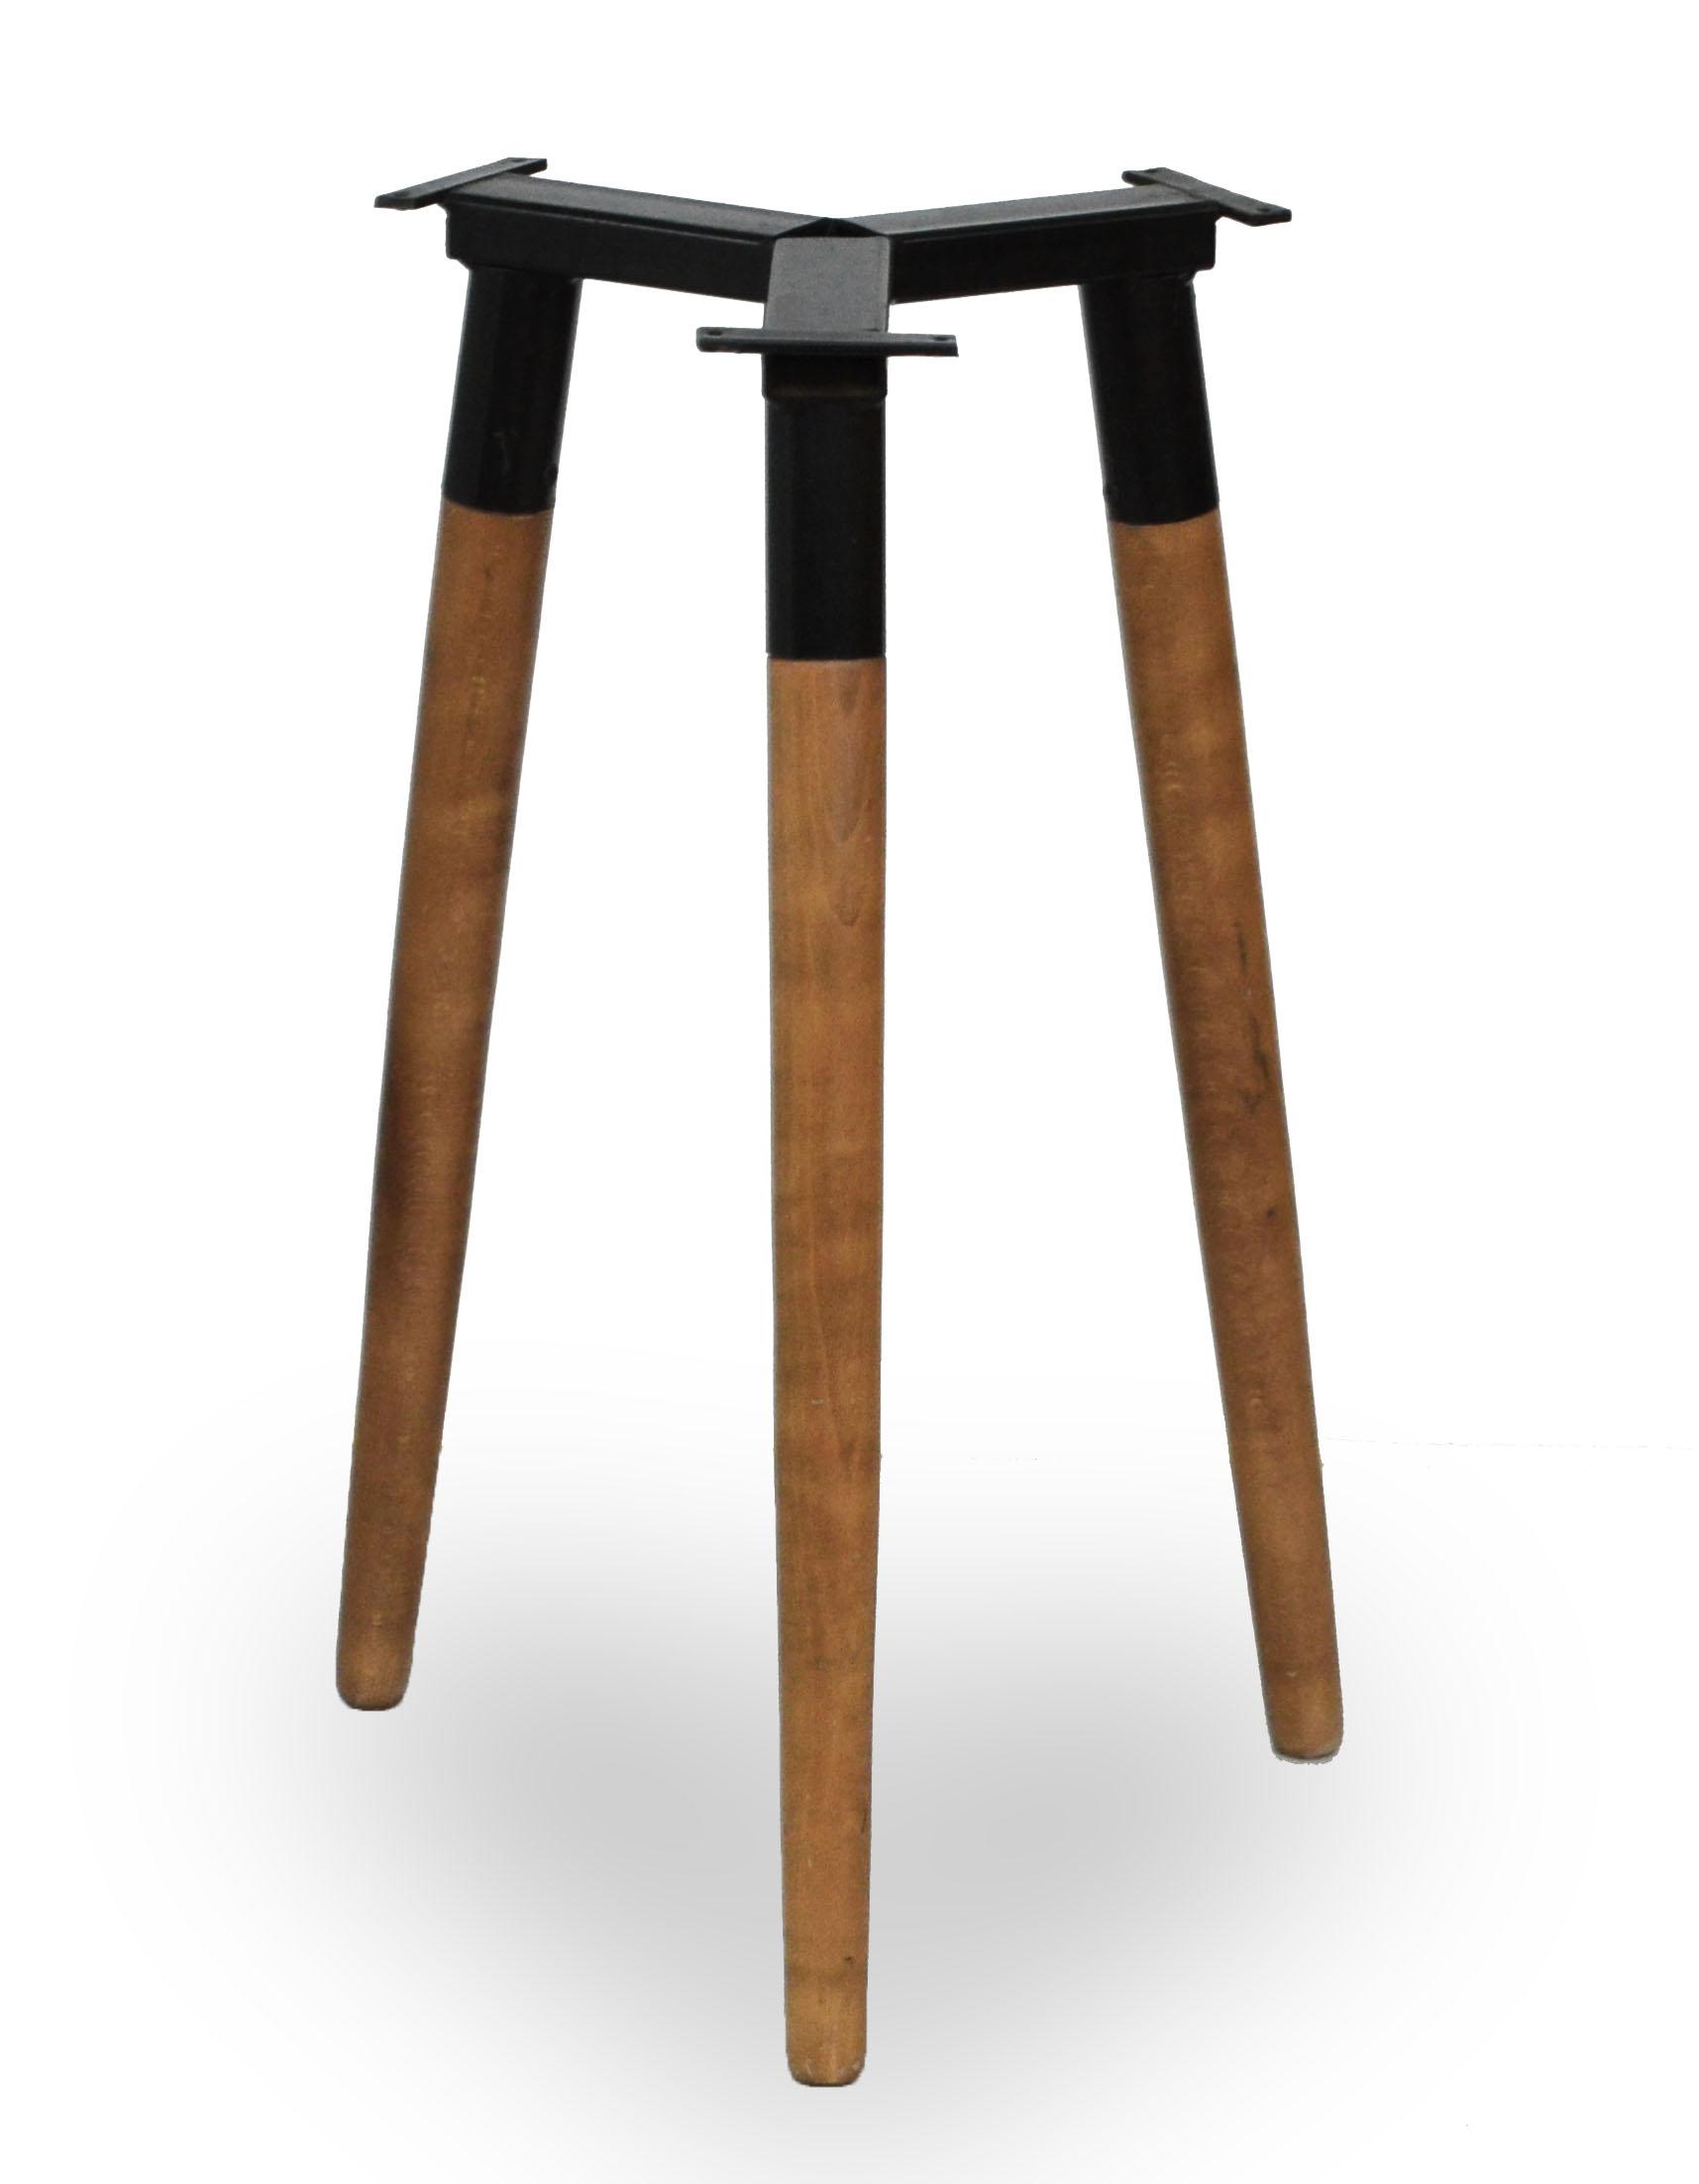 Βάσει από ξύλο και μέταλλο Στα χρώματα και διαστάσεις της επιλόγης σας